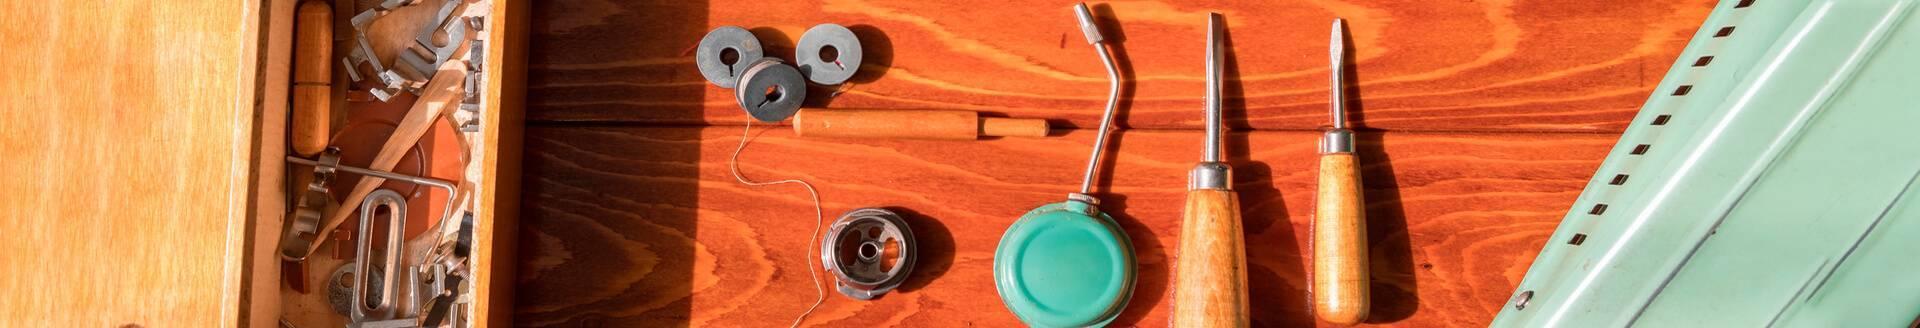 Consuelo Textil venta de repuestos y accesorios para máquinas de coser